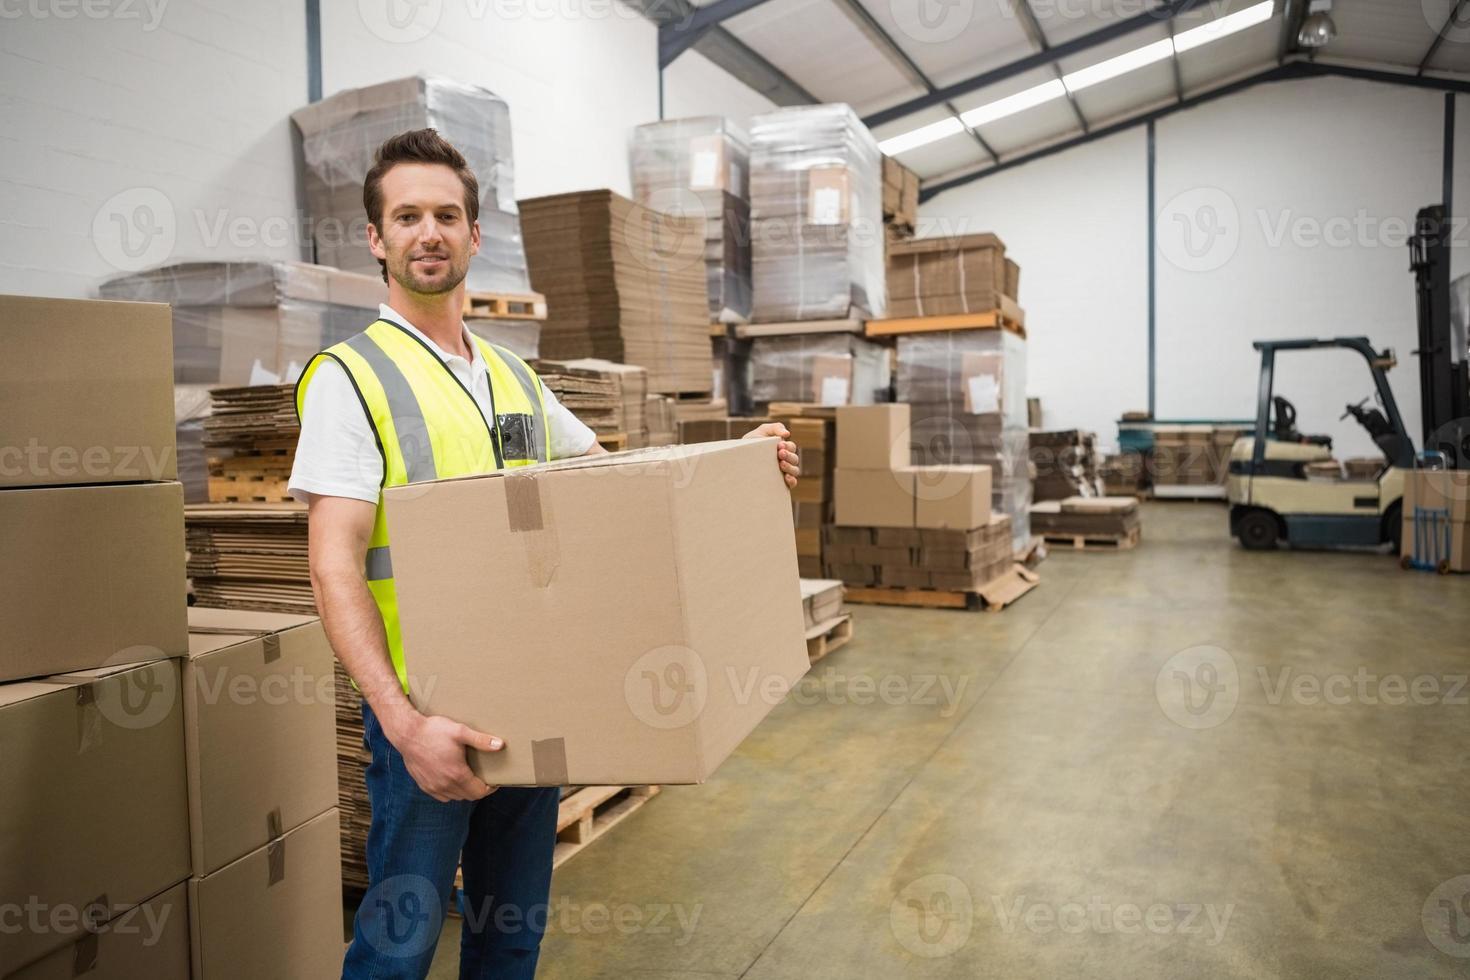 caixa de transporte do trabalhador no armazém foto